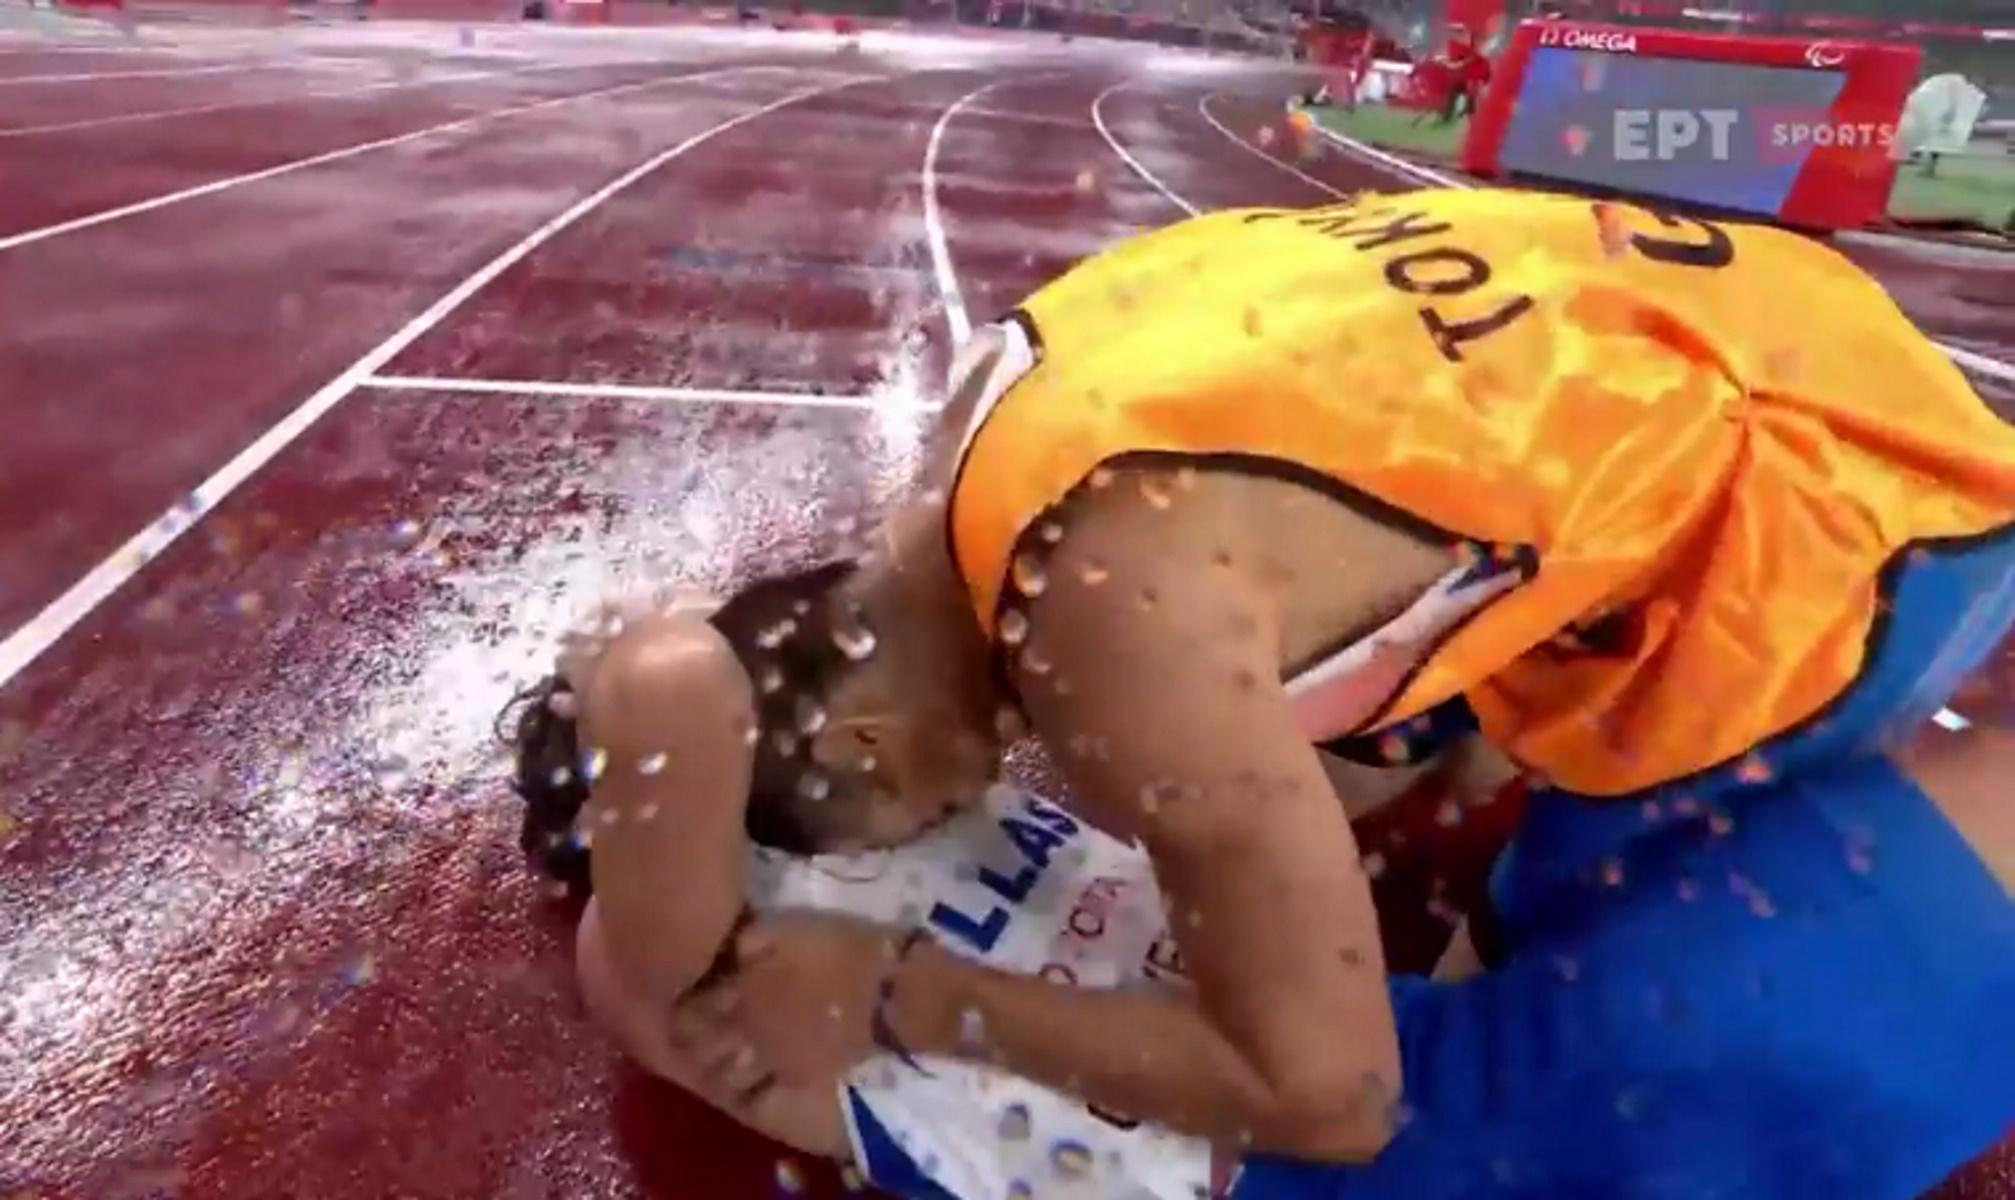 Παραολυμπιακοί Αγώνες: Η «χρυσή» κούρσα του Θανάση Γκαβέλα – Συγκίνηση μετά τον τερματισμό